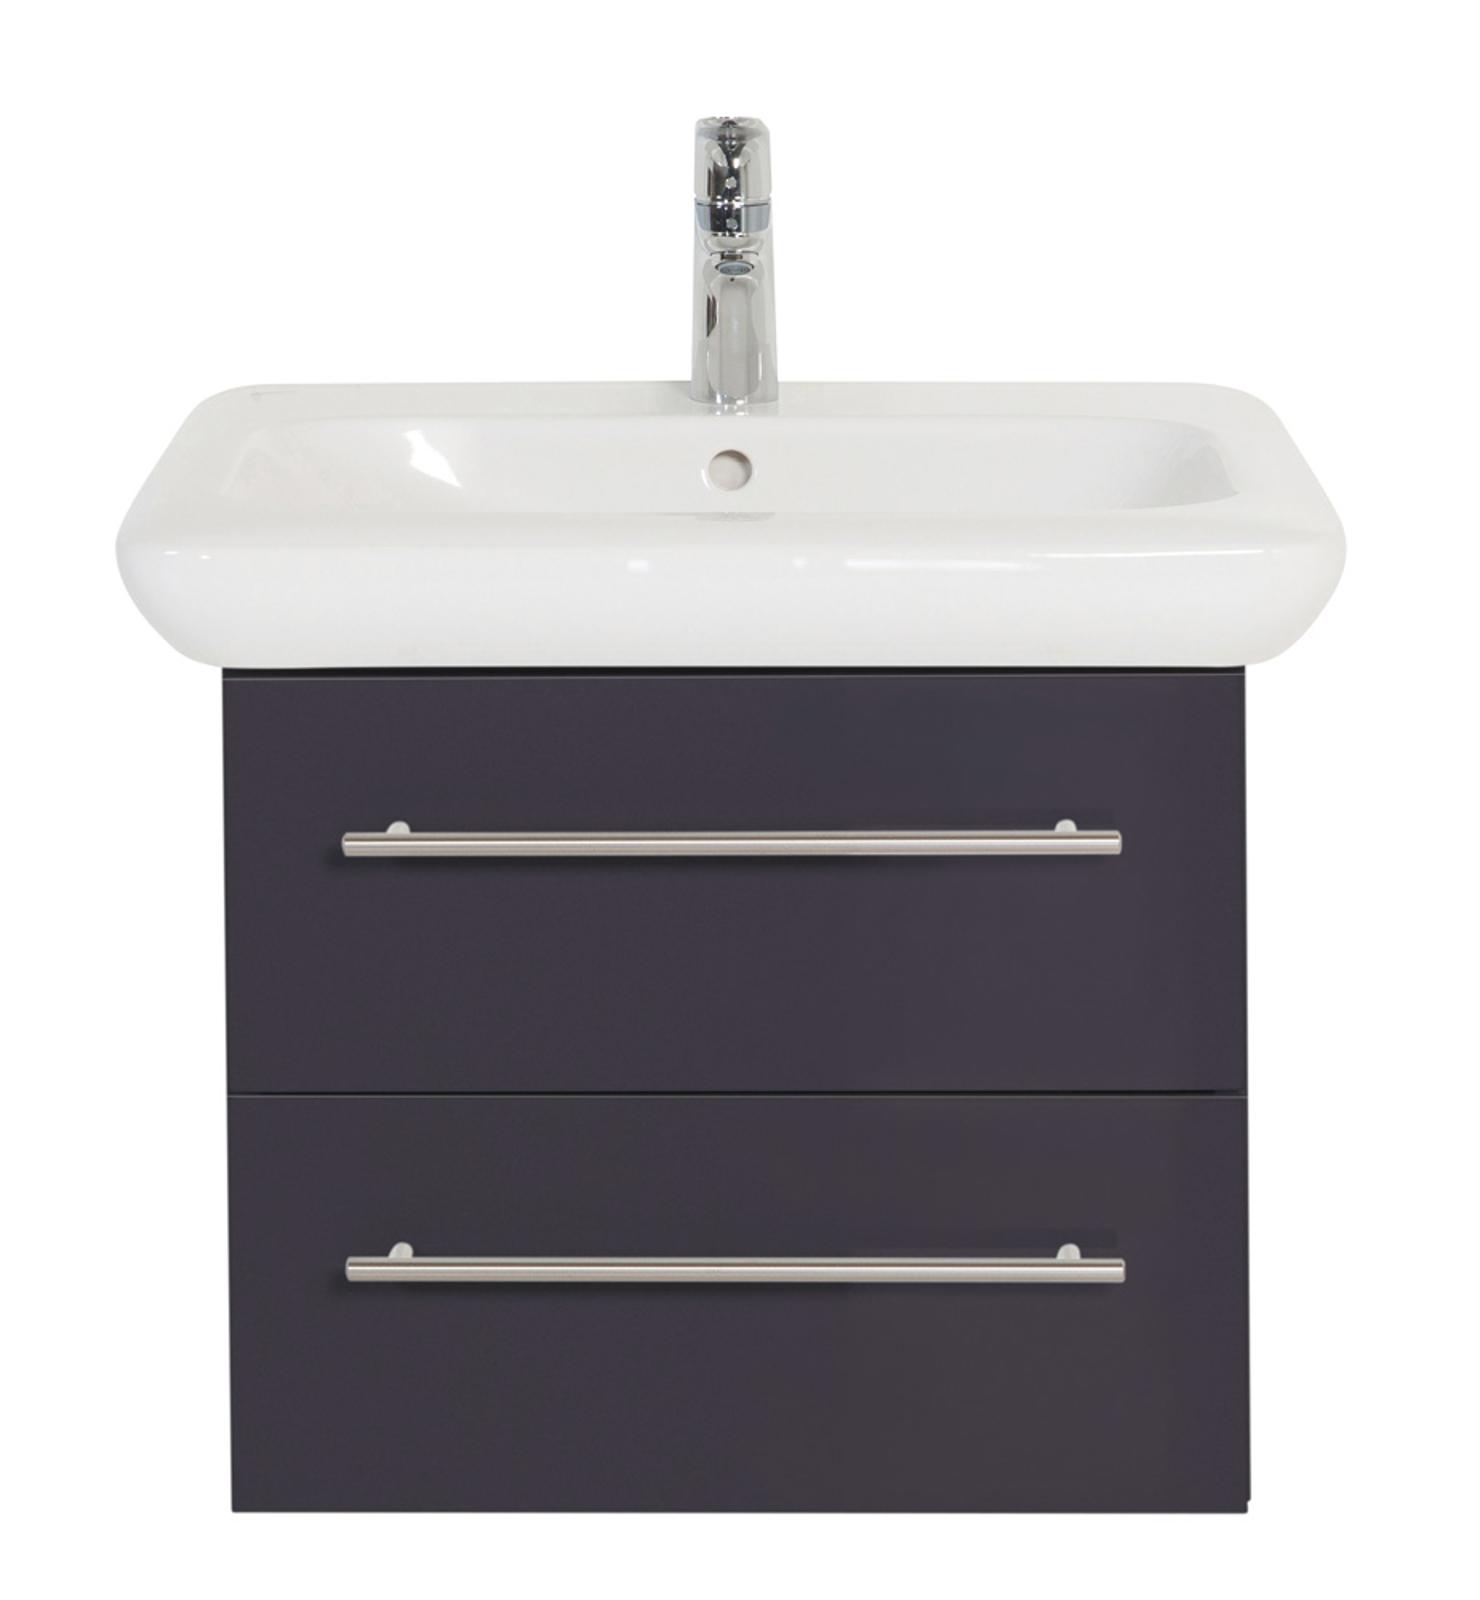 waschbecken mit unterschrank 60 cm ausz ge waschtischunterschrank grau gl nzend ebay. Black Bedroom Furniture Sets. Home Design Ideas